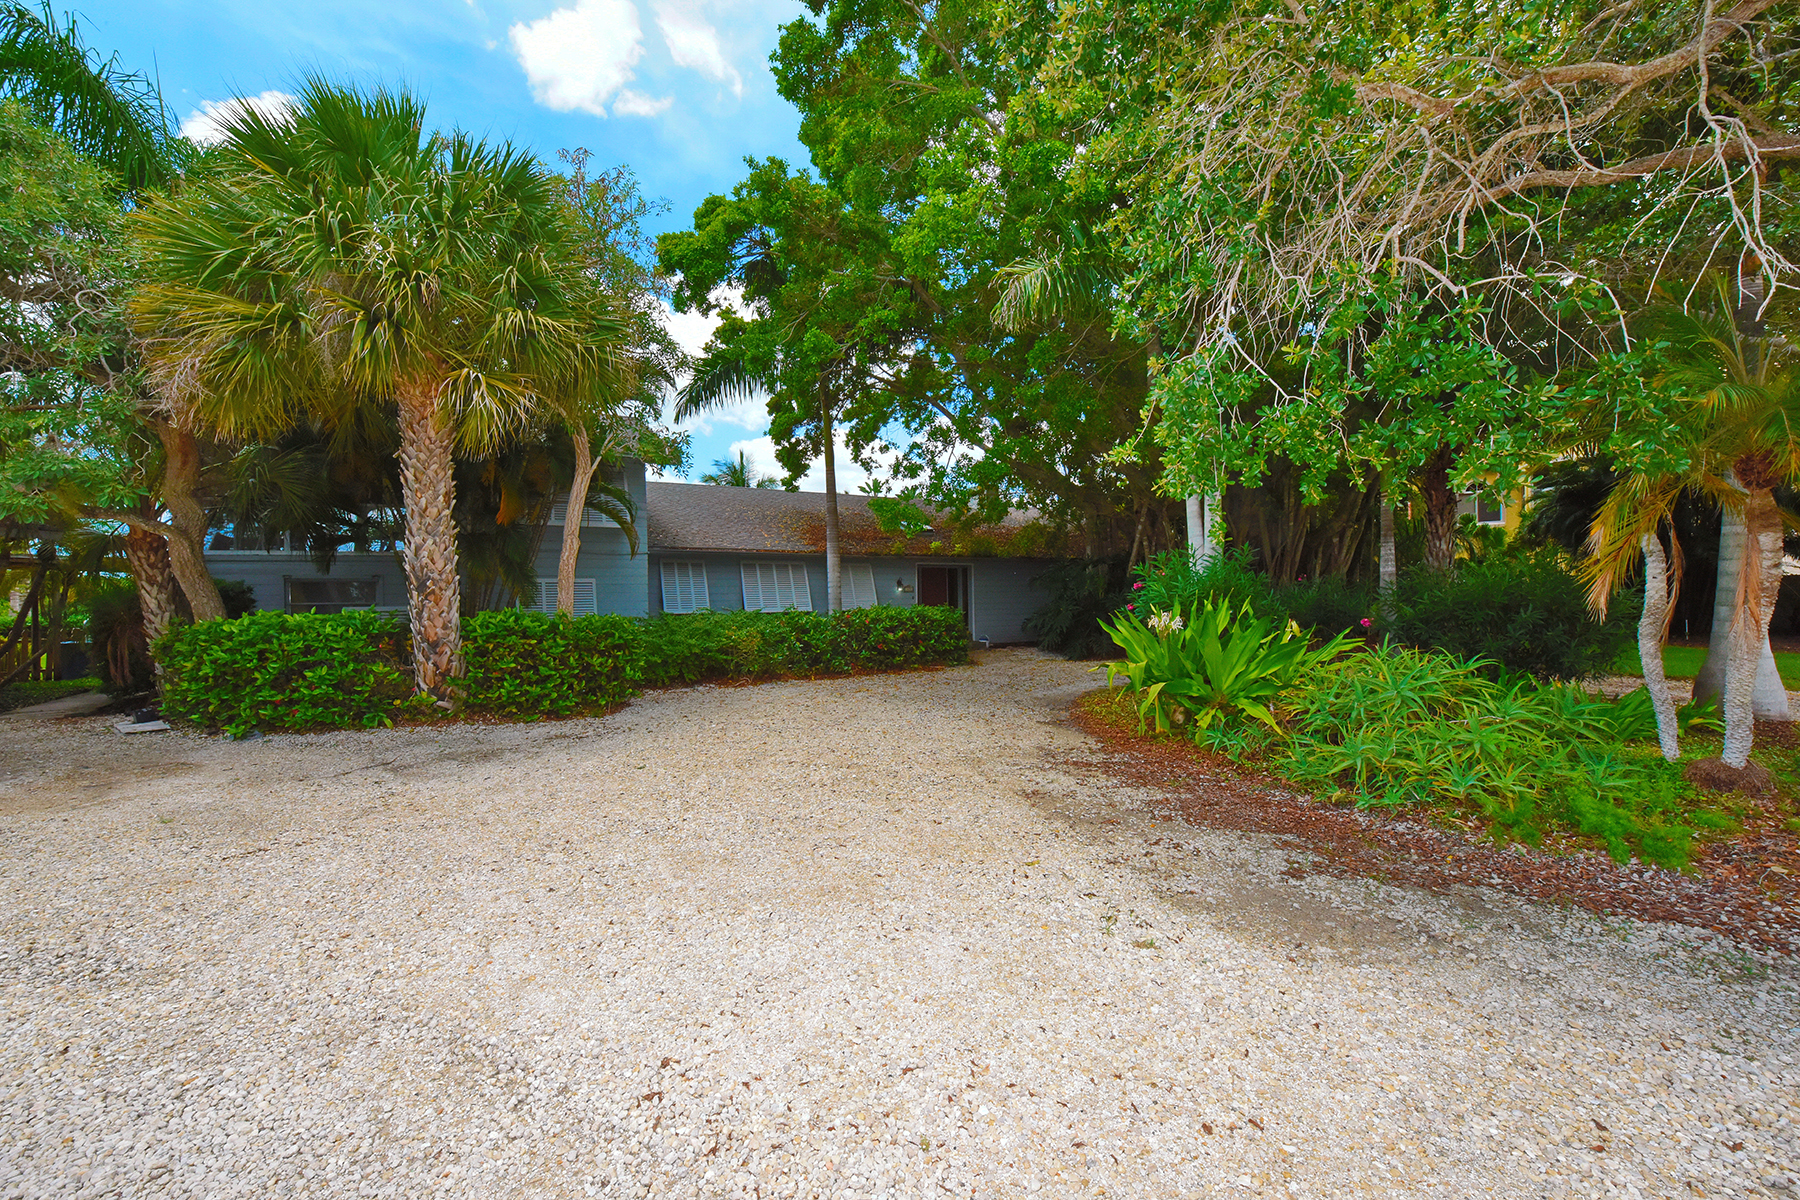 Property For Sale at 324 Sunrise Dr , Nokomis, FL 34275